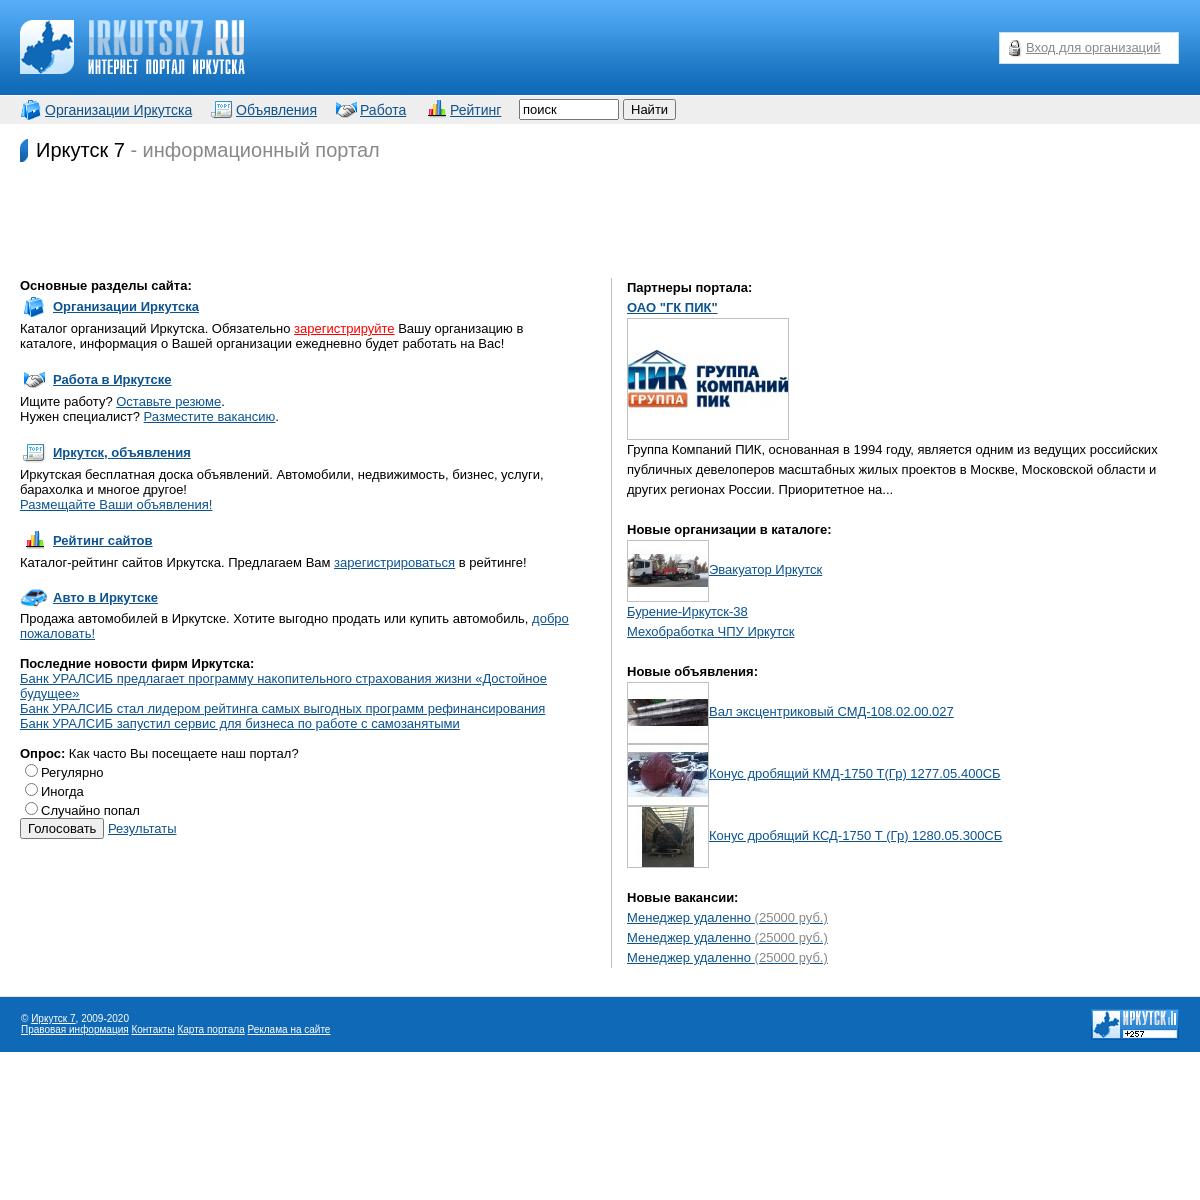 Иркутск 7 - сайт г. Иркутска- работа, объявления, компании города